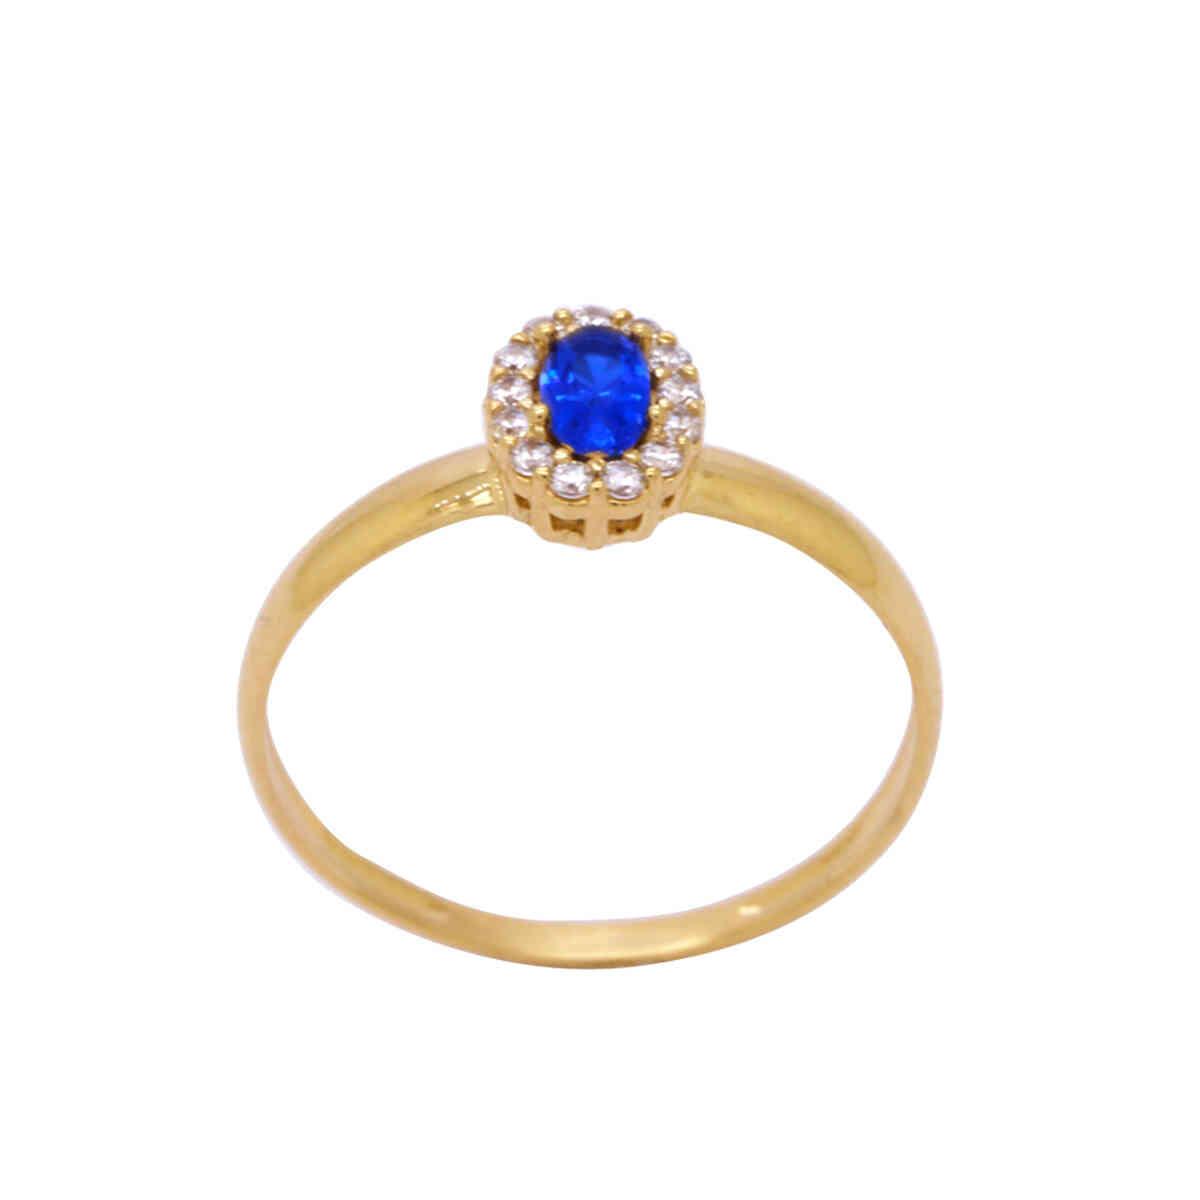 Anel de Formatura Ouro 18k Aro Abaulado com Zircônia Azul e Branca